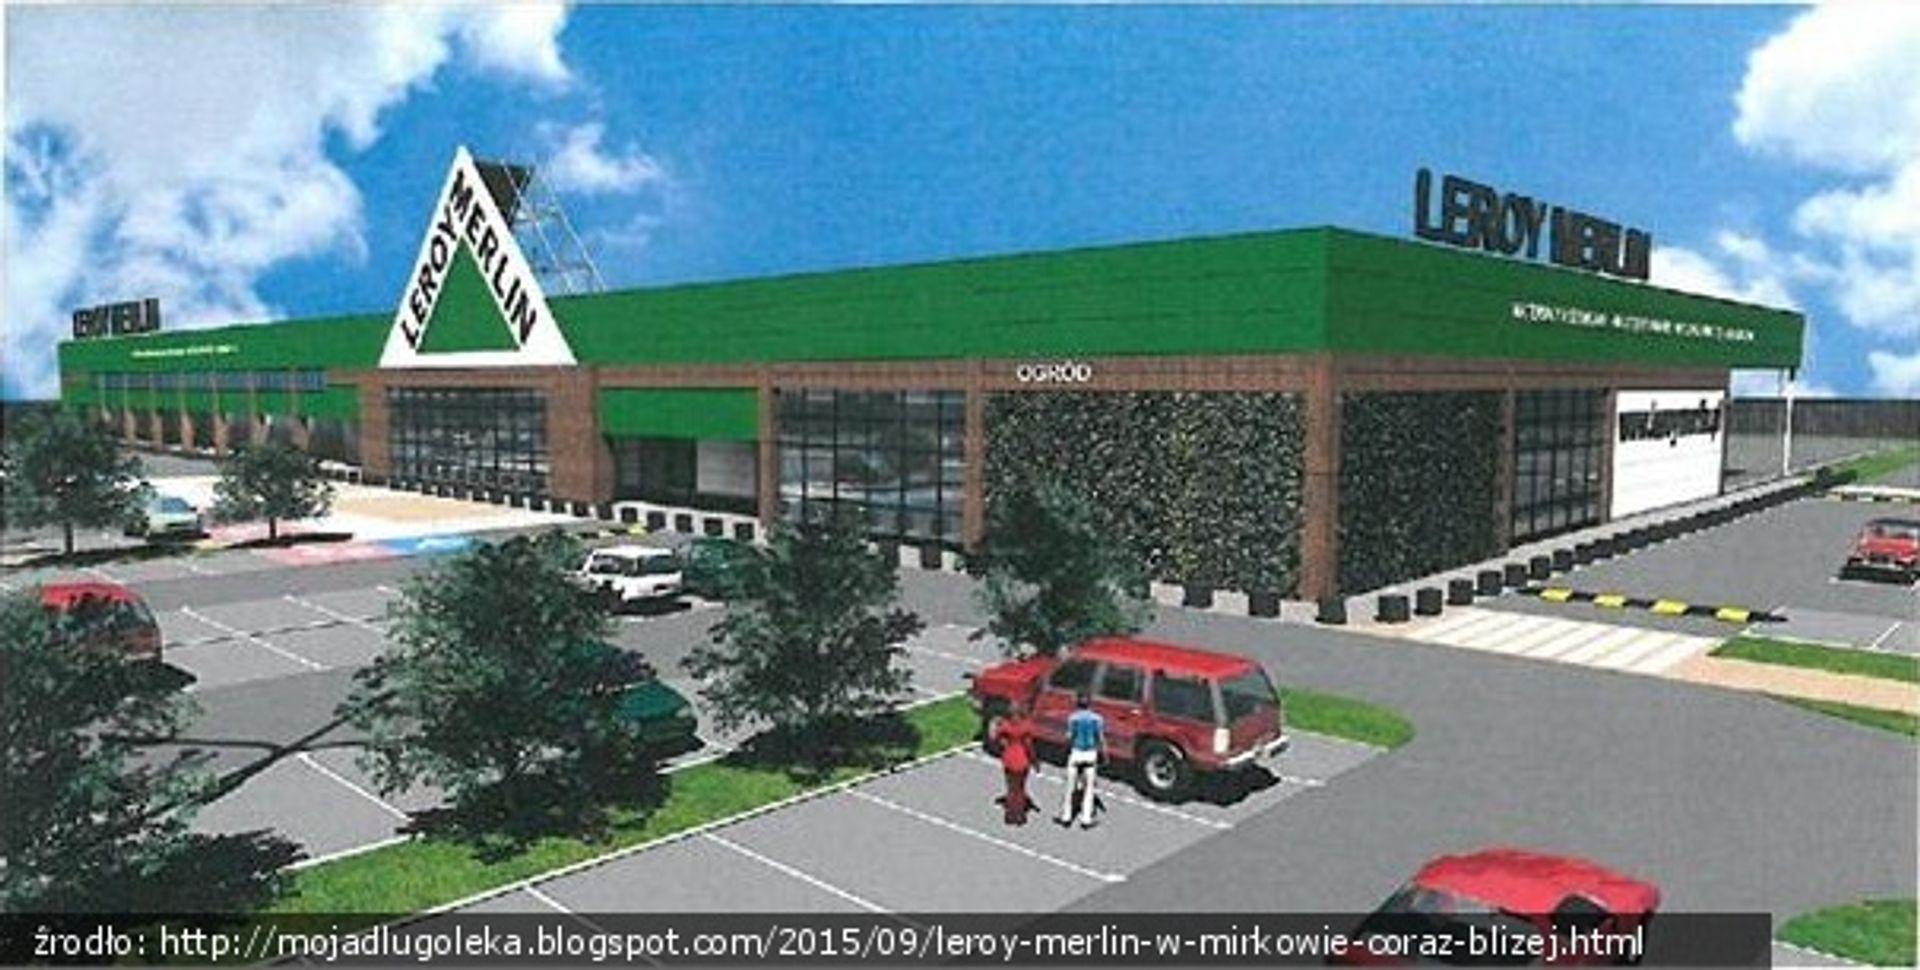 [Aglomeracja Wrocławska] W Mirkowie powstaje gigamarket Leroy Merlin